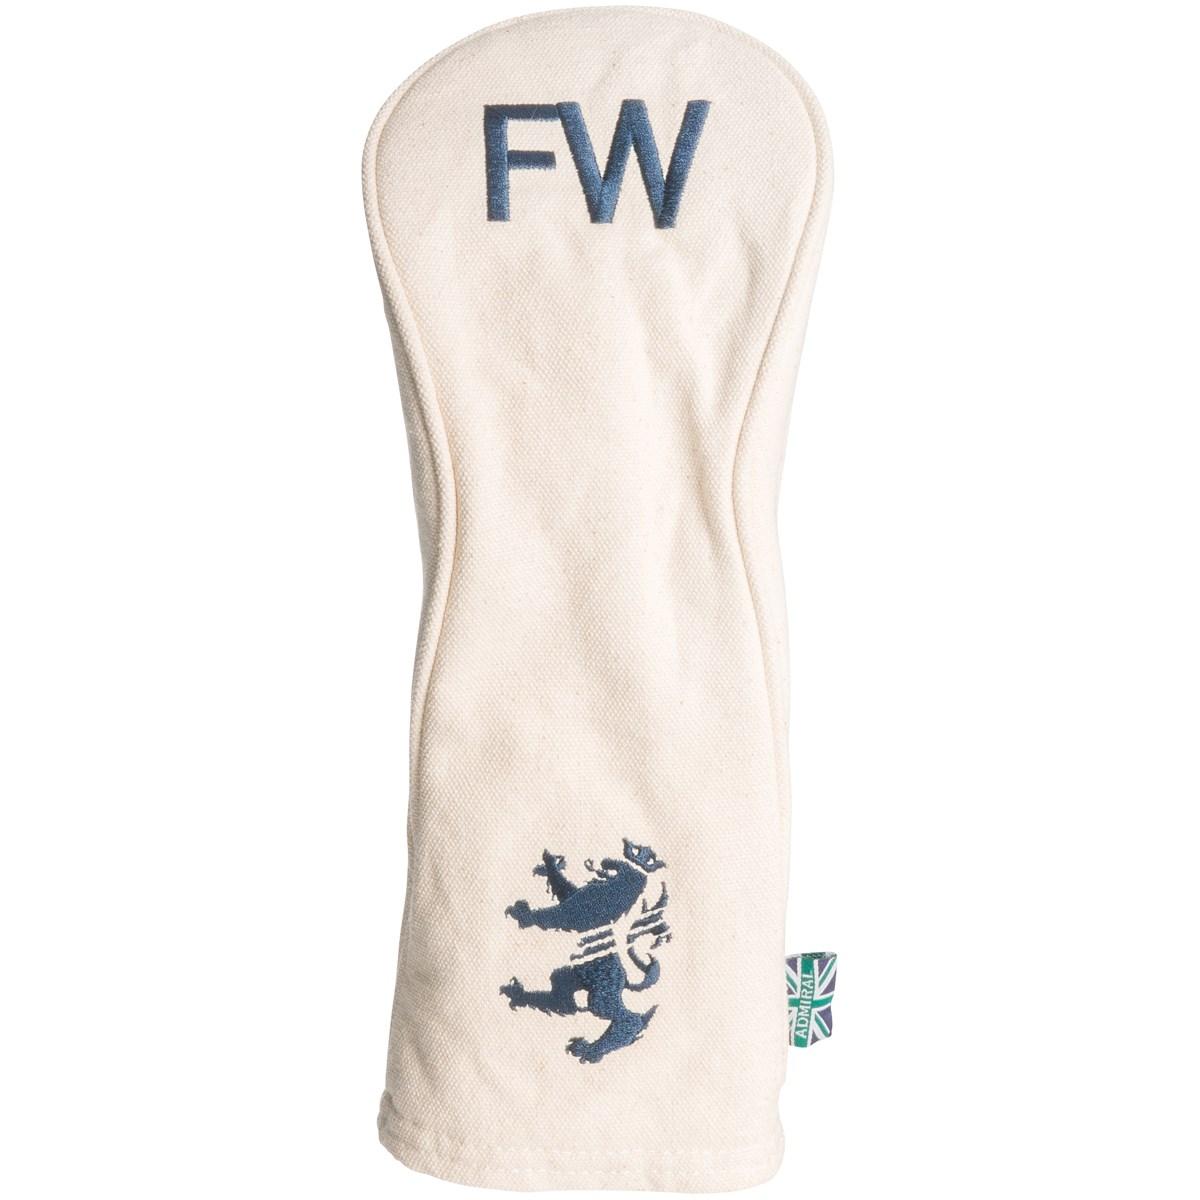 [定番モデル] アドミラル Admiral 帆布 ヘッドカバー FW用 ホワイト 00 メンズ ゴルフ